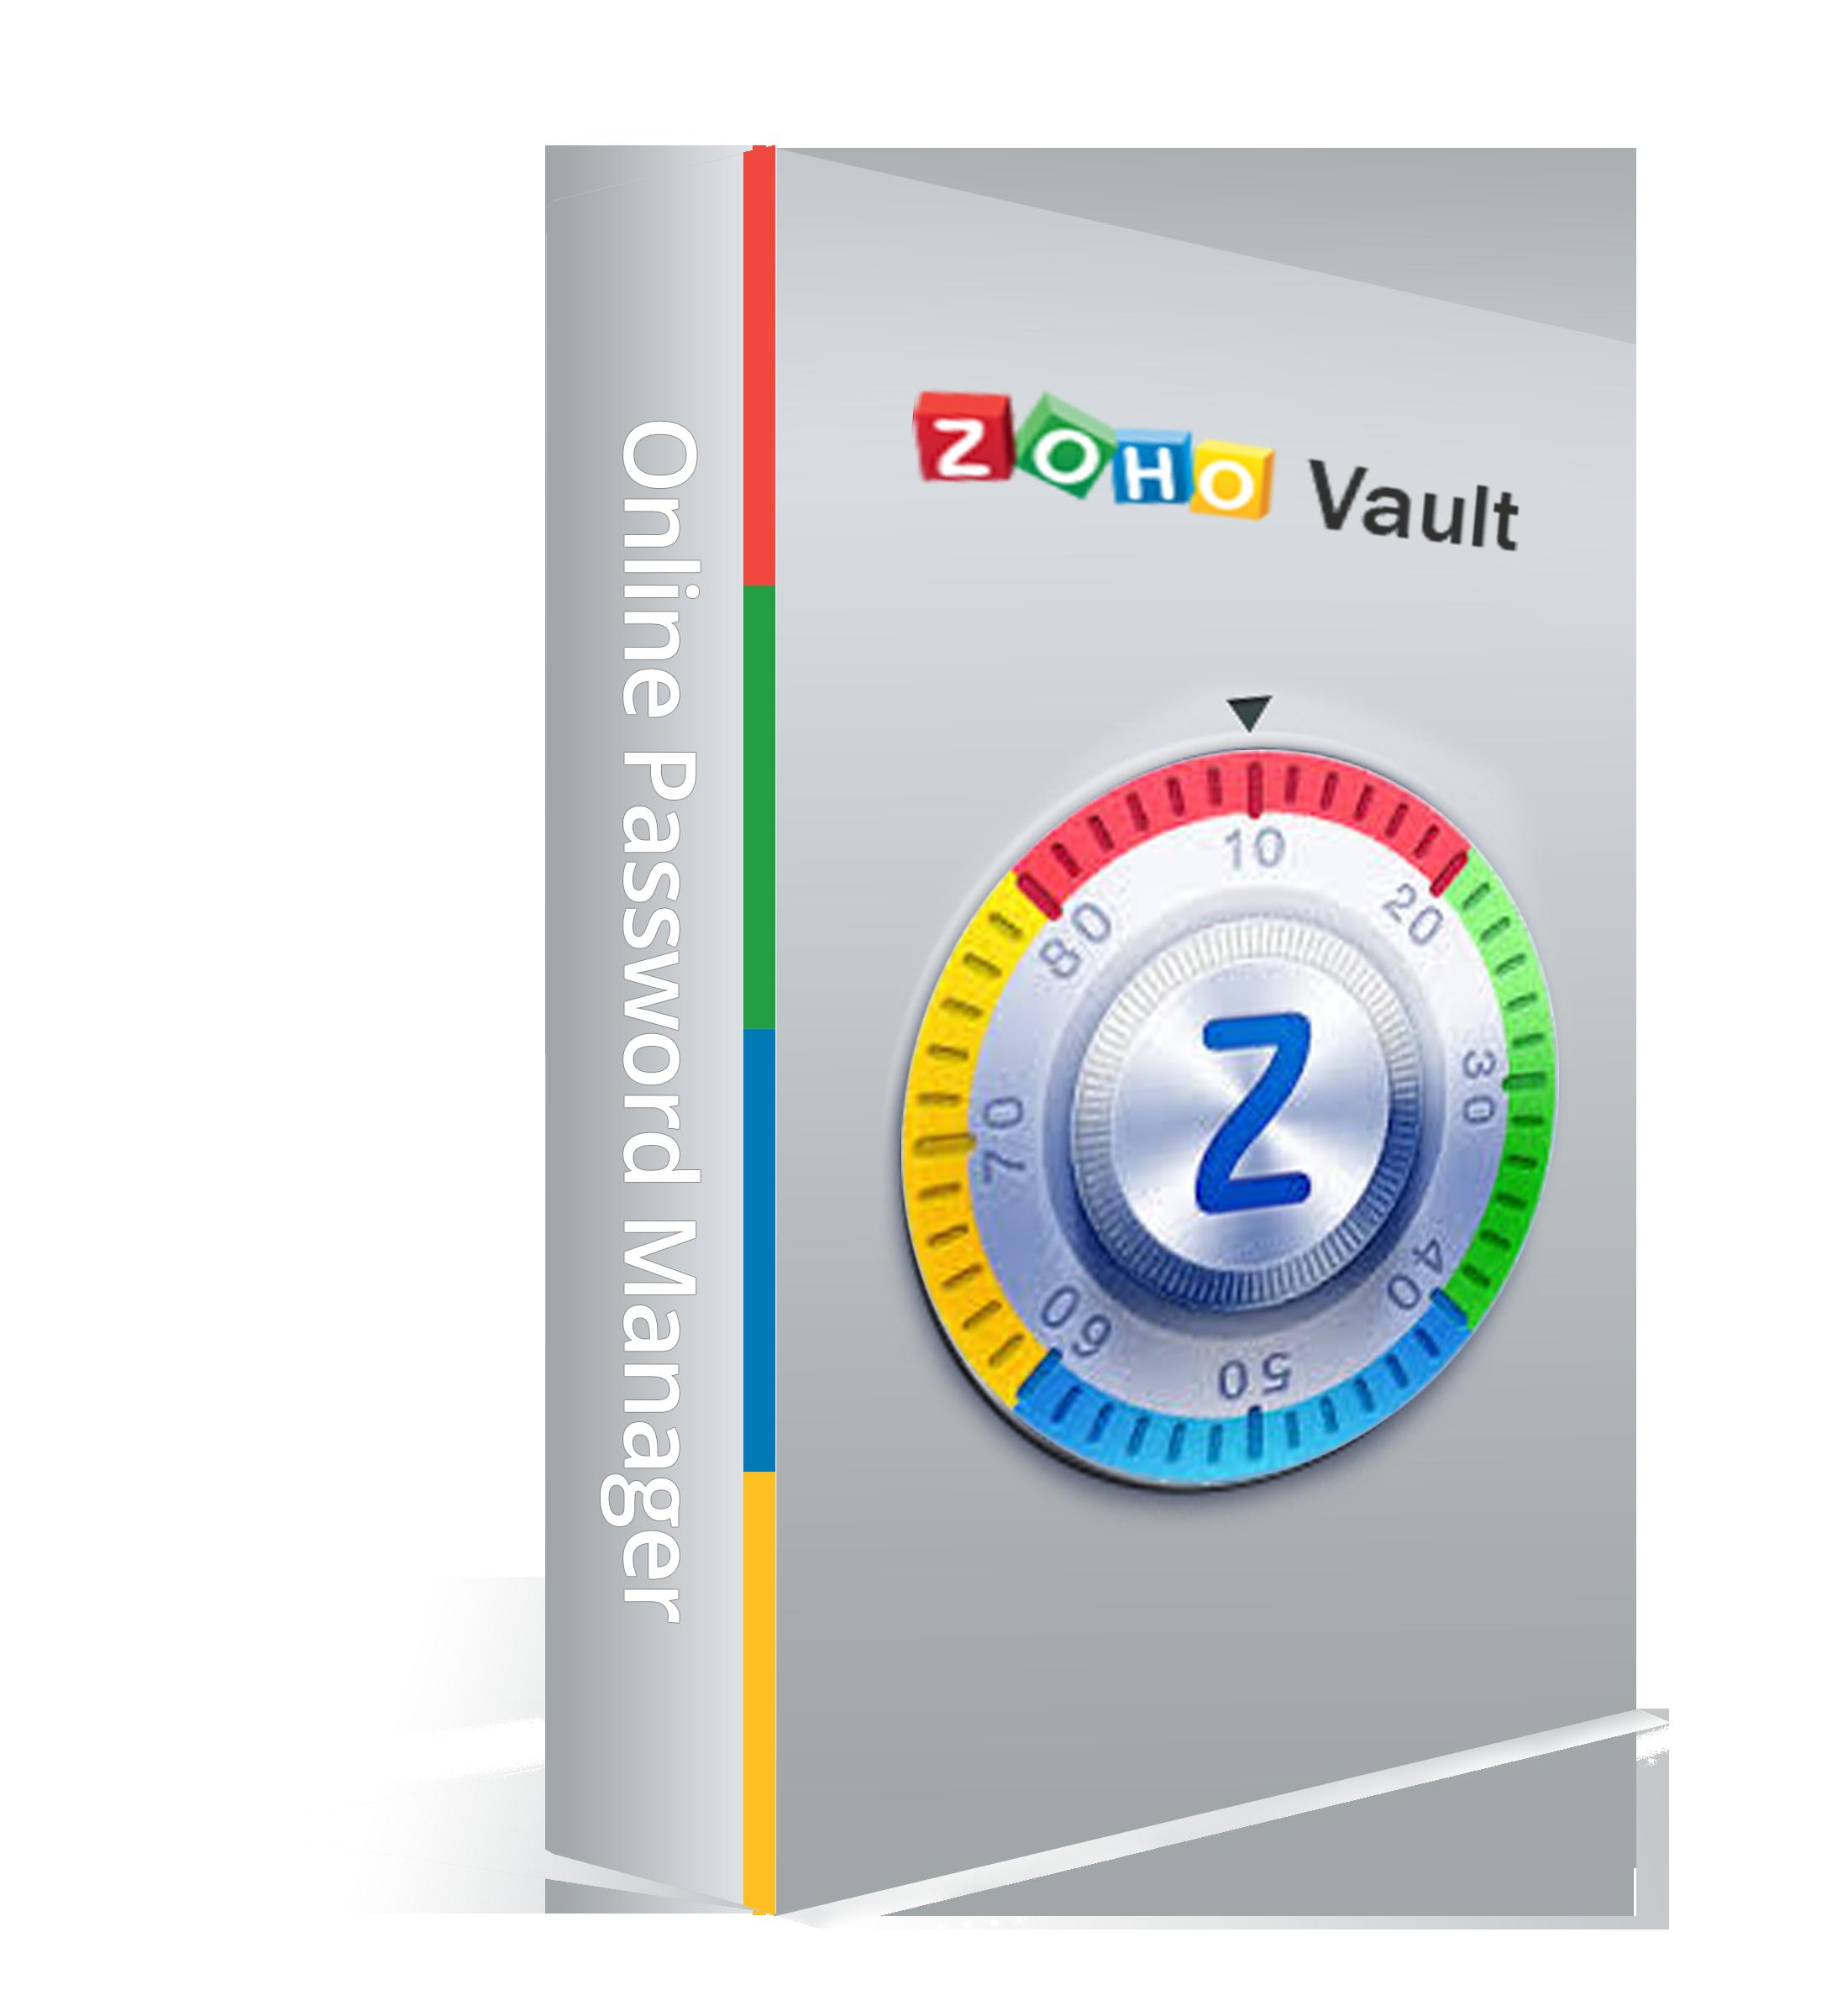 Zoho Vault Enterprise Giveaway